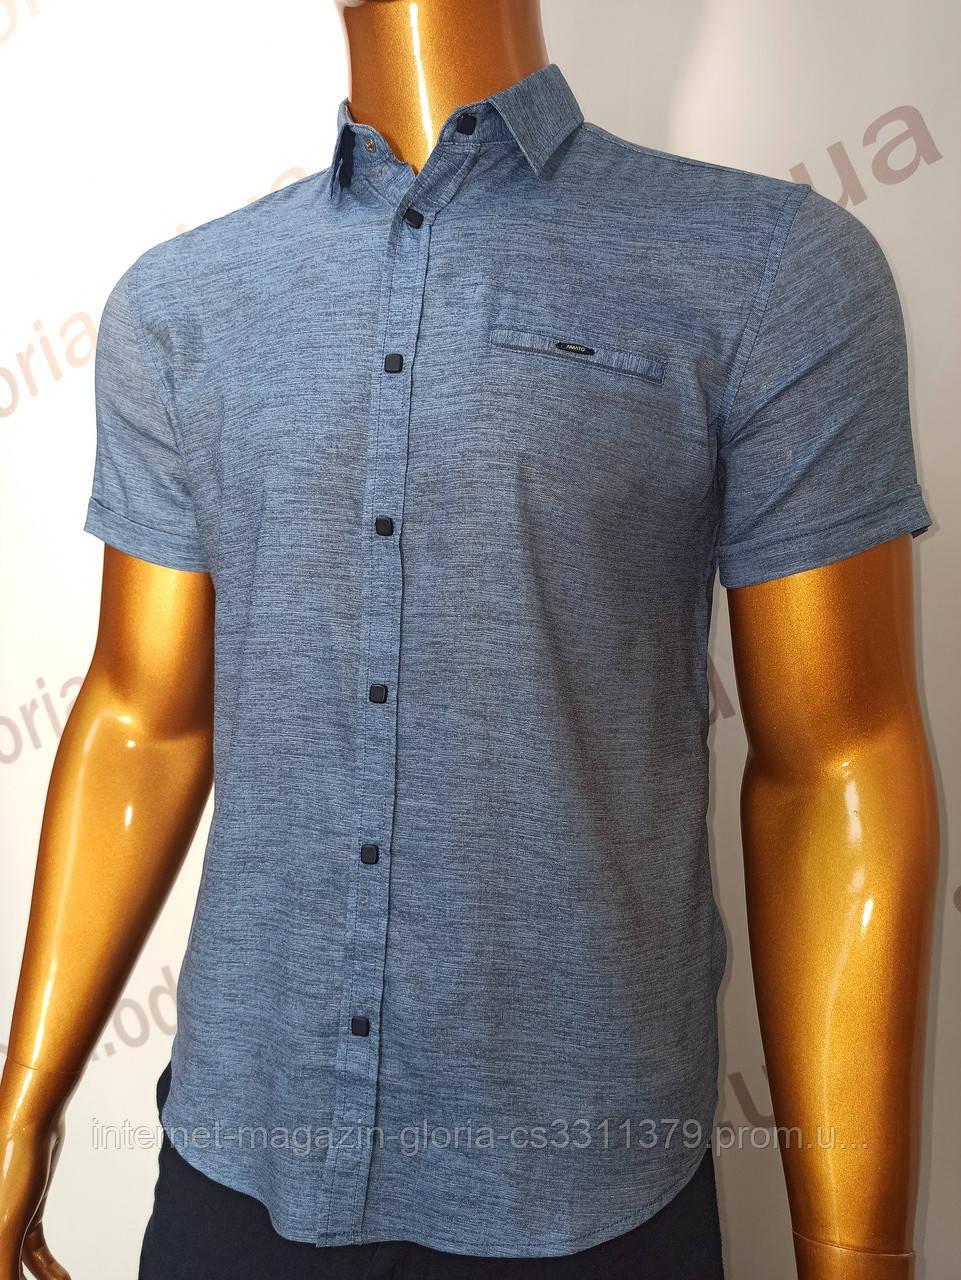 Мужская рубашка Amato. AG.KG19638(g). Размеры: M,L,XL,XXL.